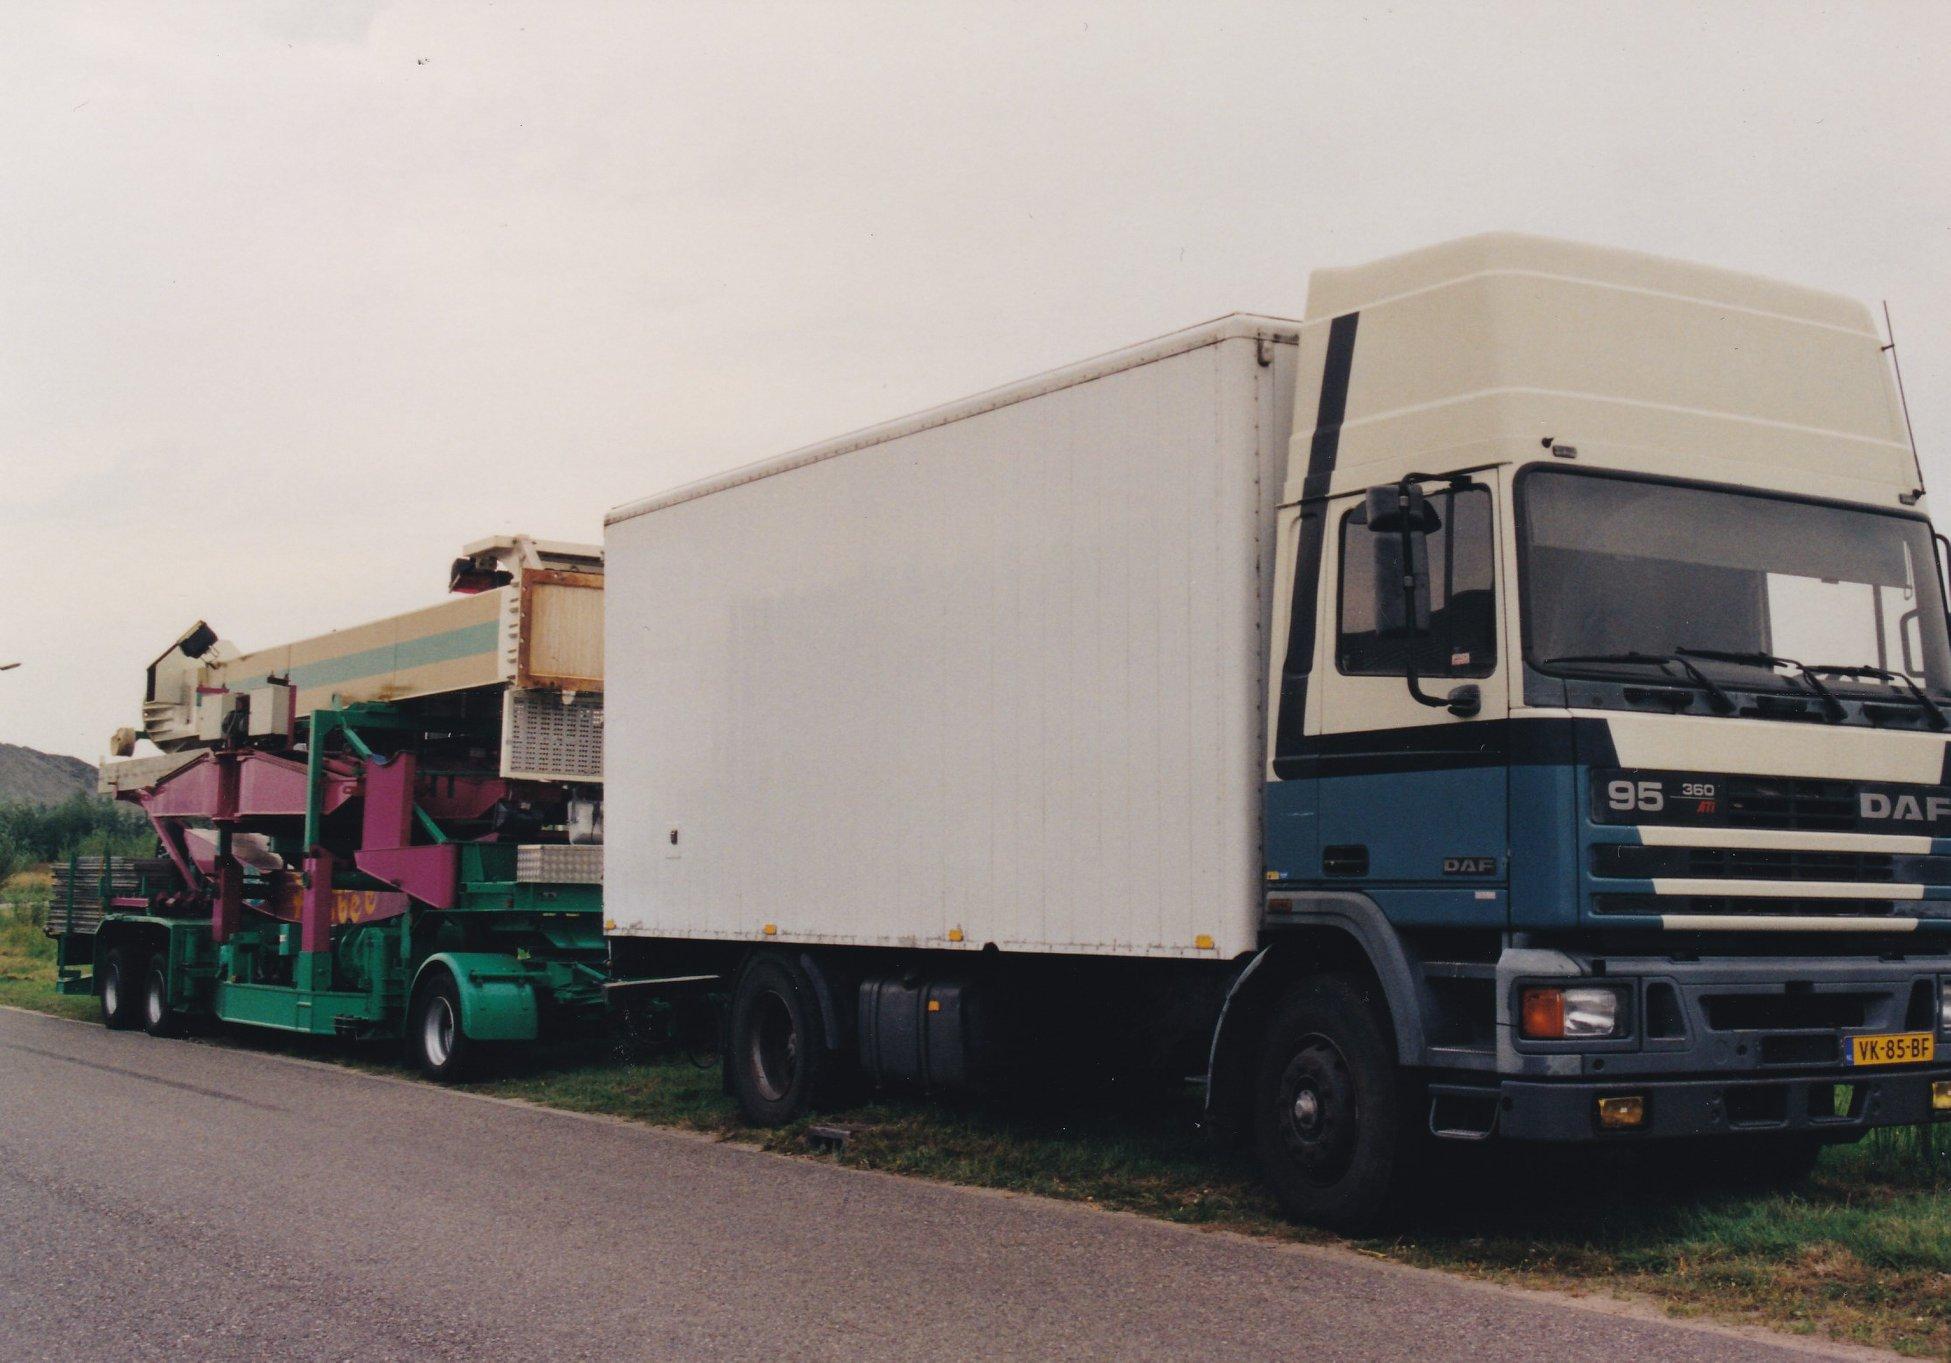 daf-95-topsleeper-vk-85-bf-ex-elgersma-harderwijk-in-zijn-2e-leven-bij-de-kermis